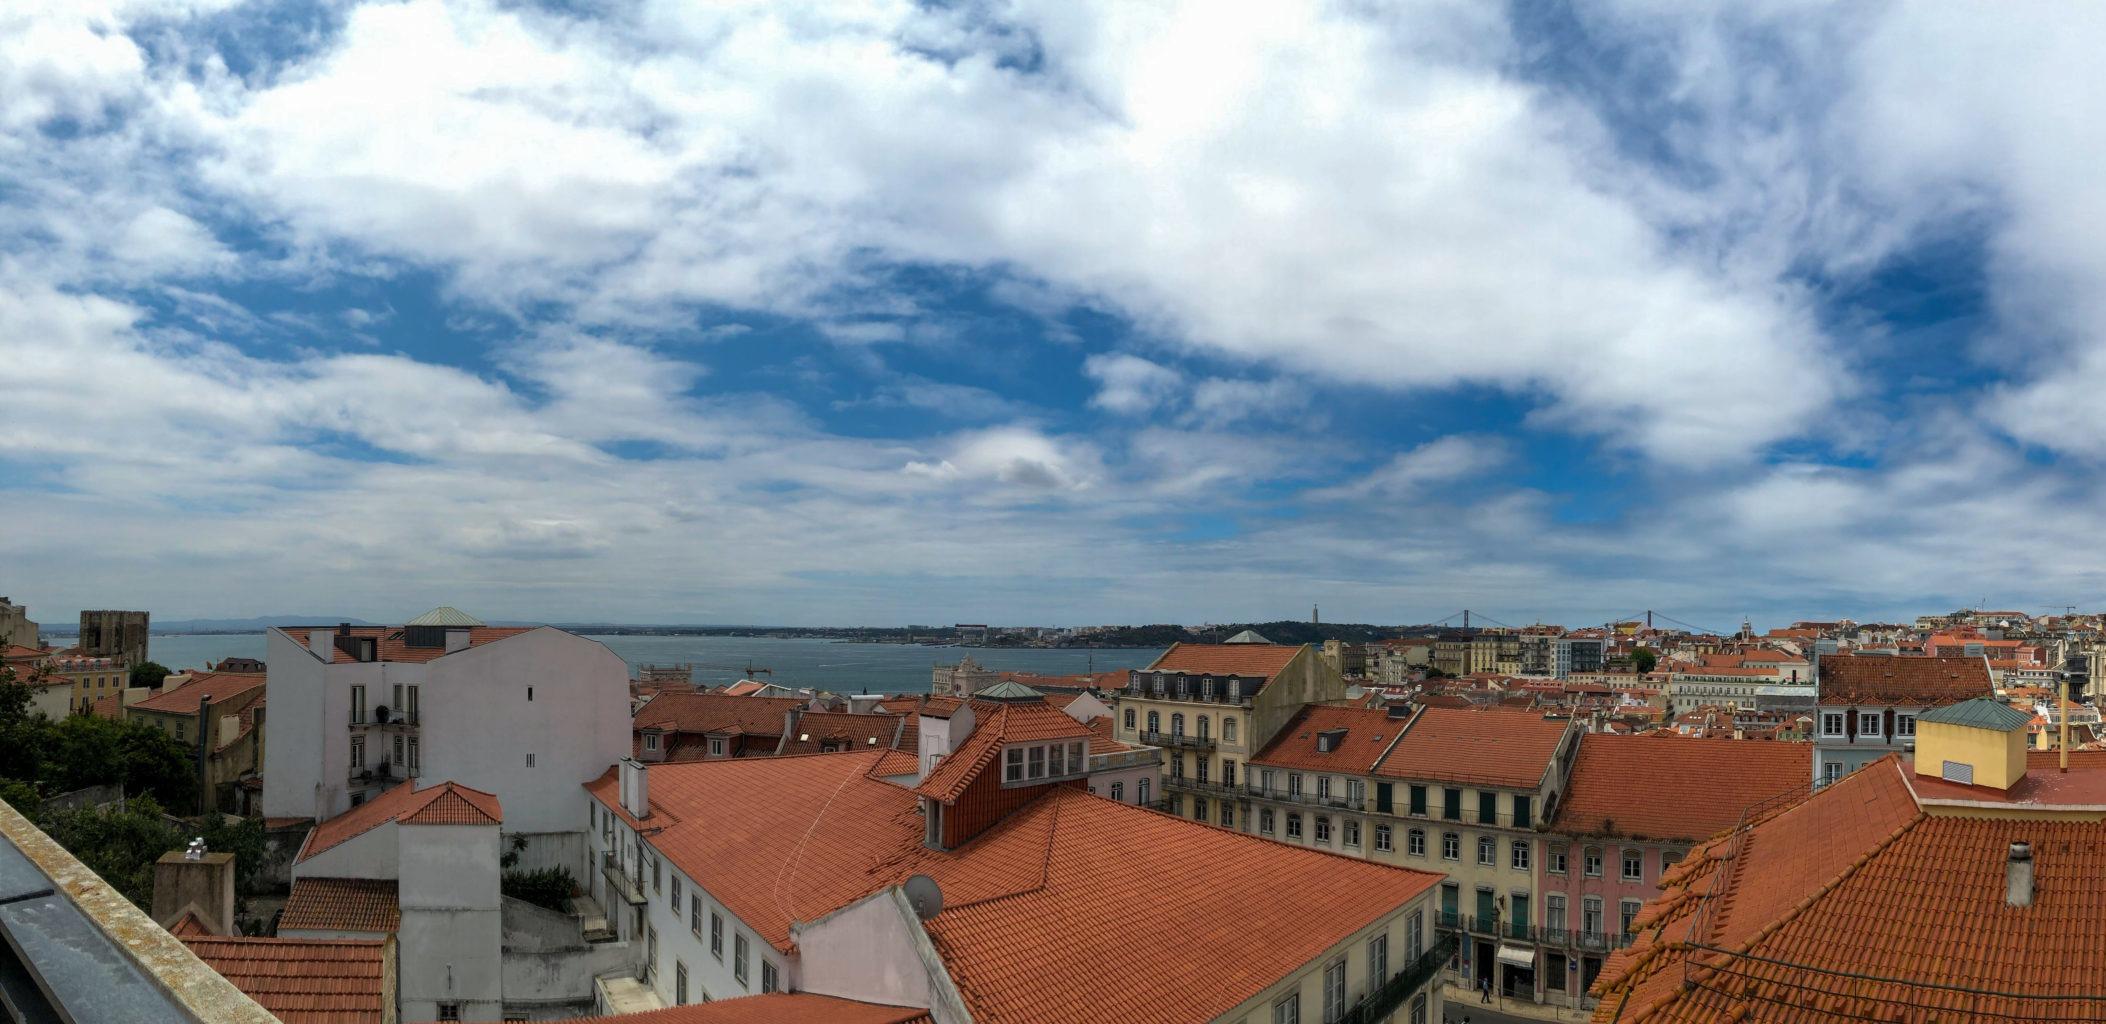 Португалия Небо и город